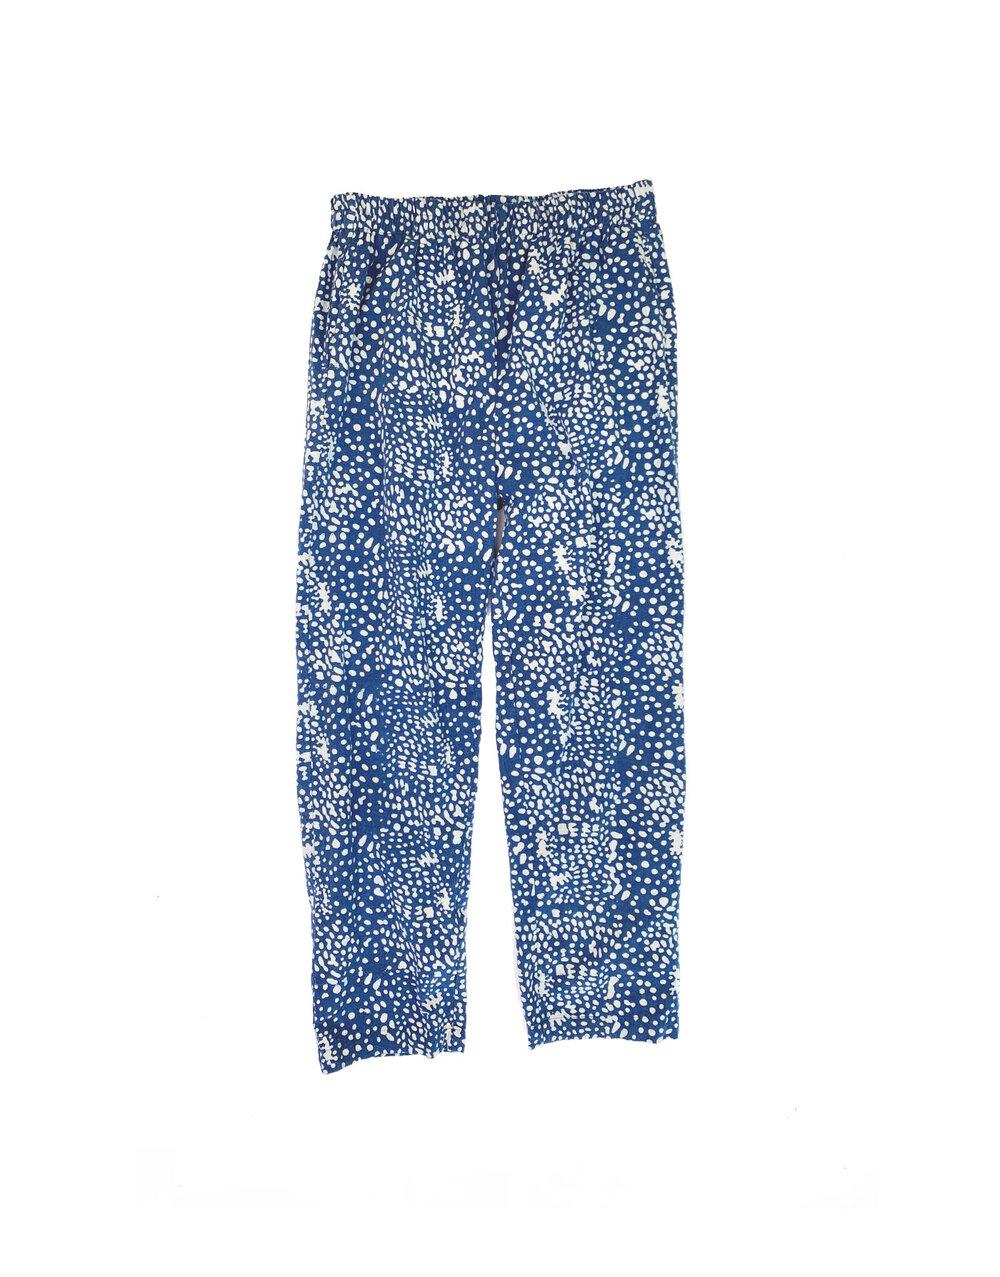 Lounger Pants in Splash